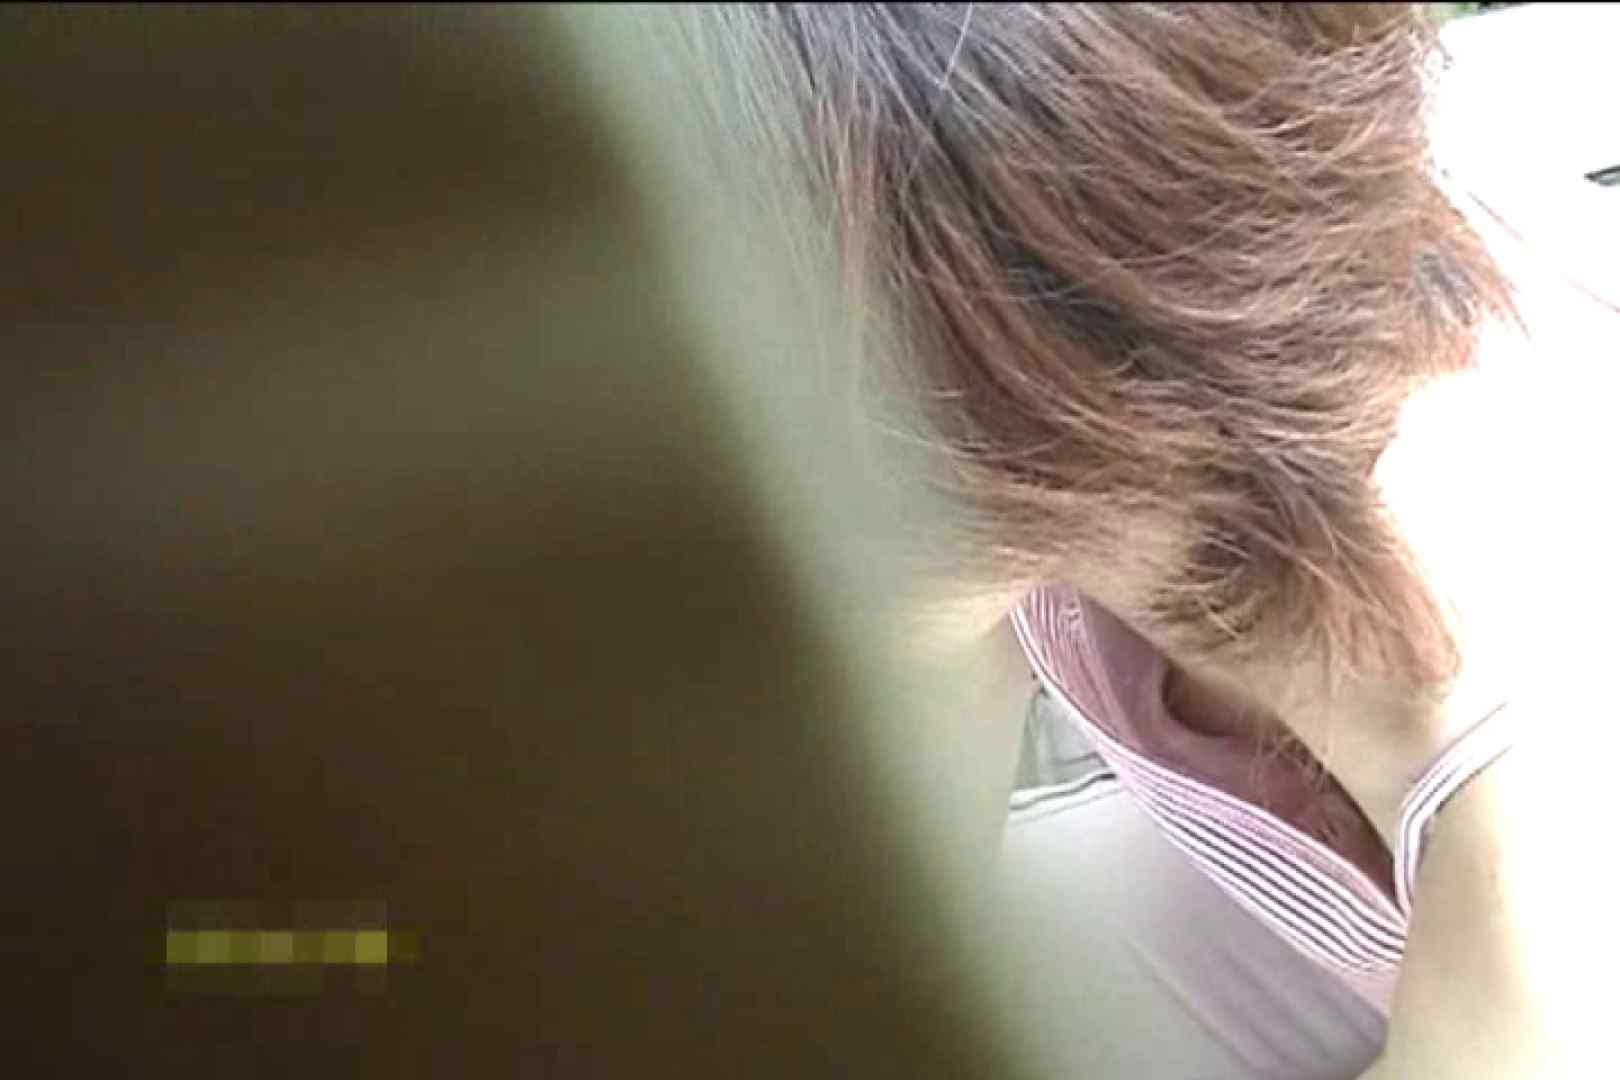 胸チラはもらった~!!胸元争奪戦!!Vol.5 お姉さんの胸チラ ワレメ動画紹介 89連発 83